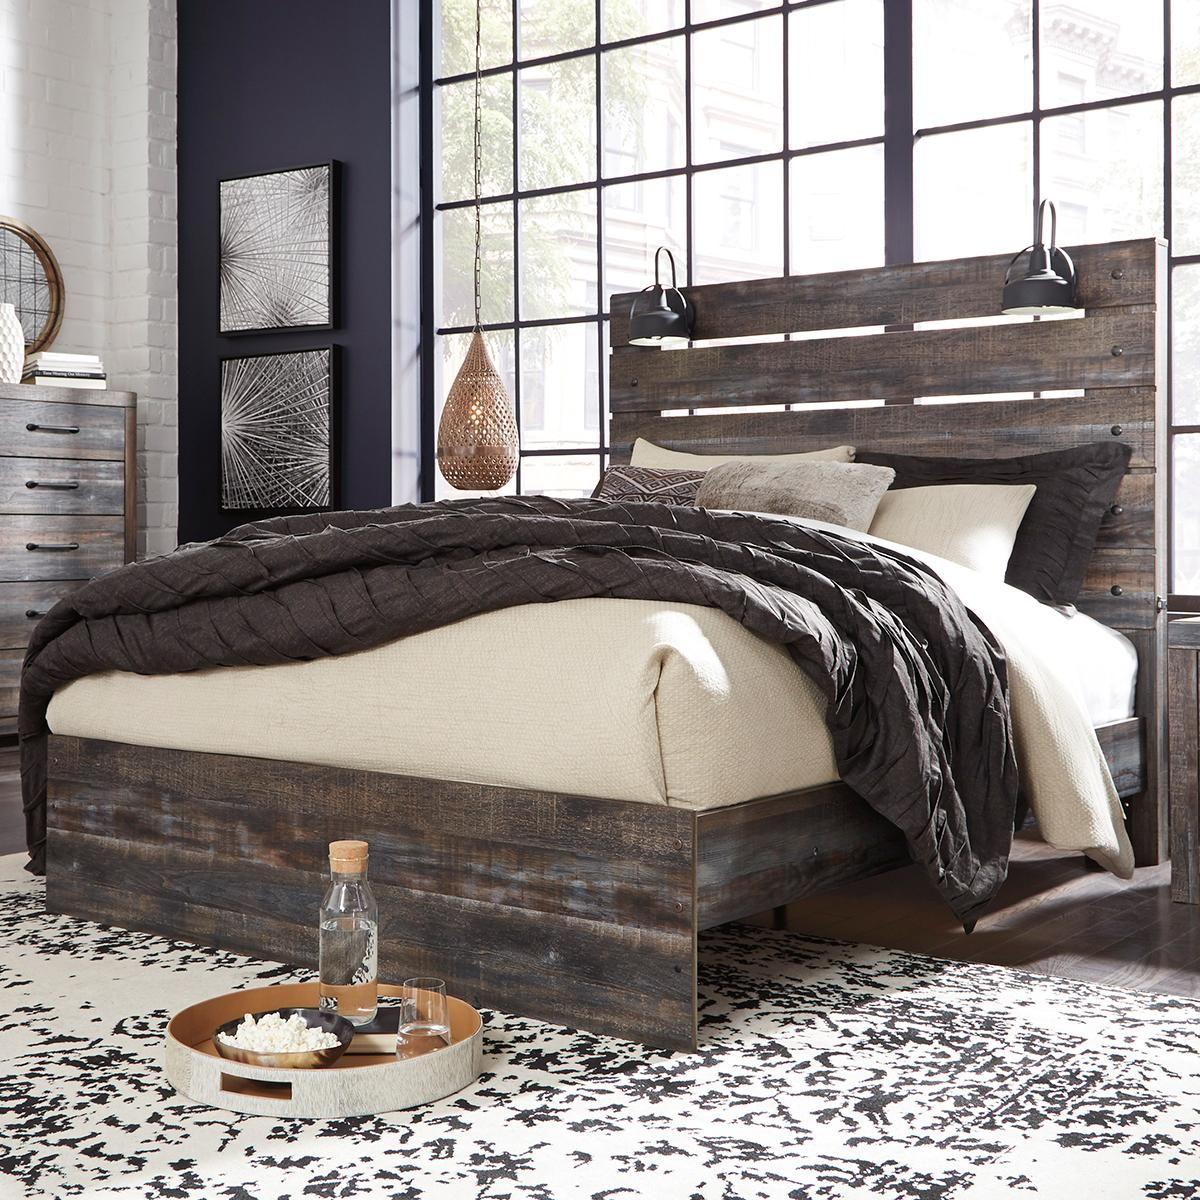 Drystan Queen Panel Bed In Burnt Orange And Teal Furniture